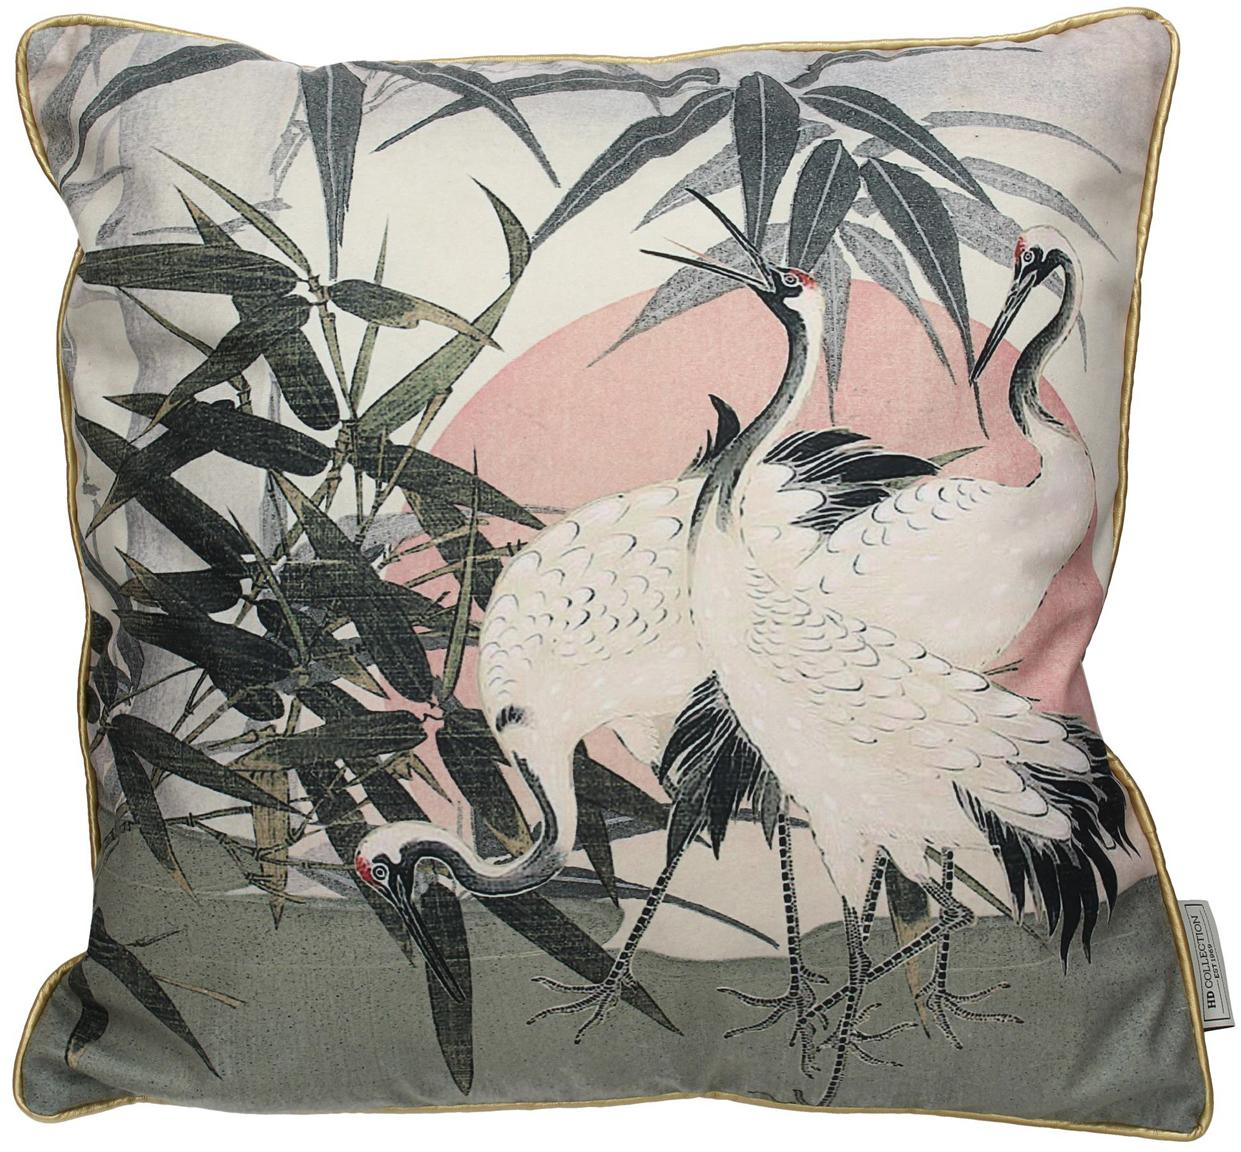 Cuscino in velluto con imbottitura Tripo, Velluto di poliestere, Multicolore, Larg. 45 x Lung. 45 cm